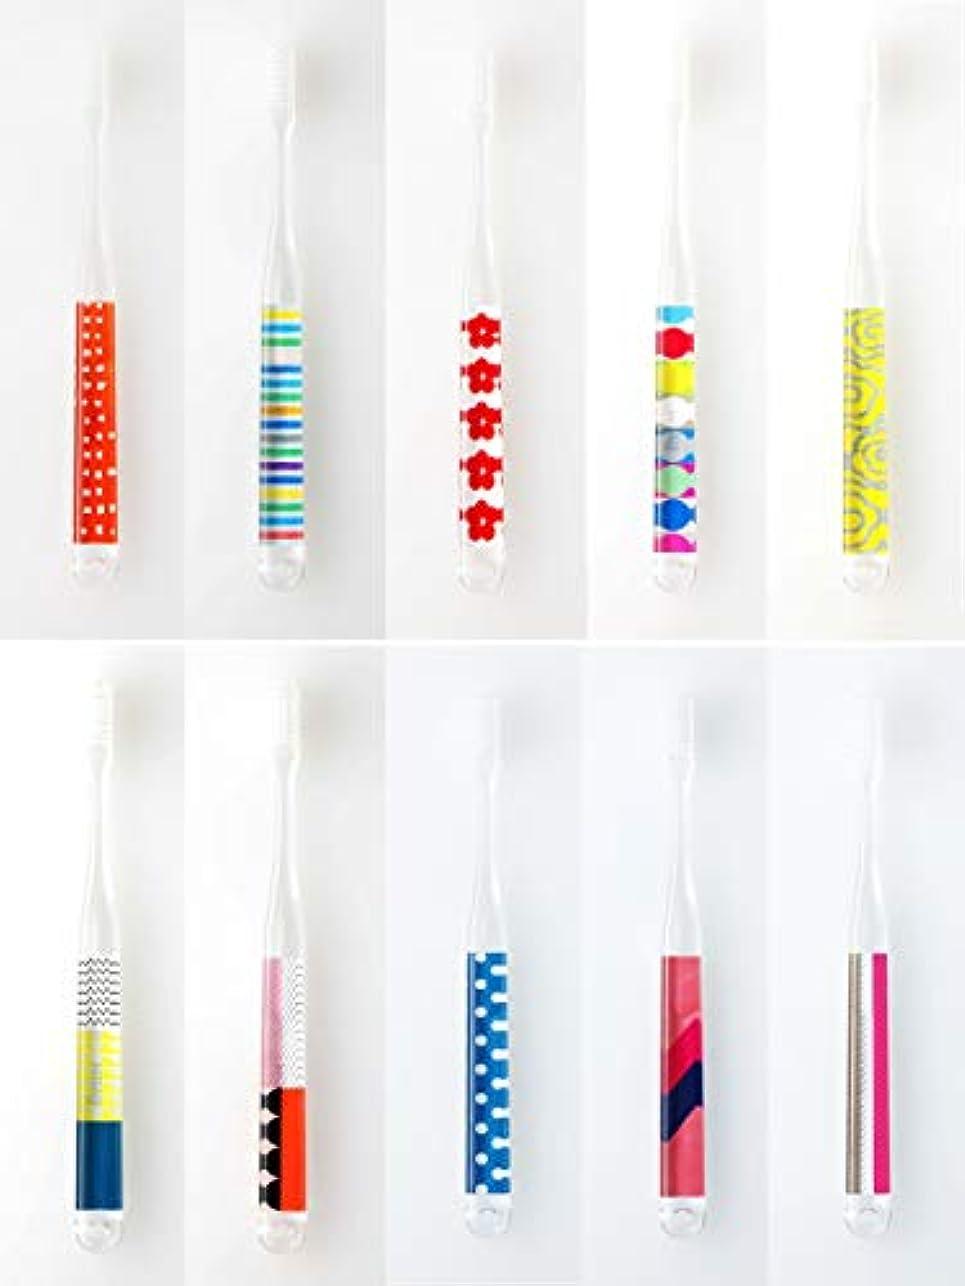 ブローホールハーフ誰かMOYO モヨウ 歯ブラシ POP 10本セット_562302-pop3 【F】,POP10本セット ハブラシ